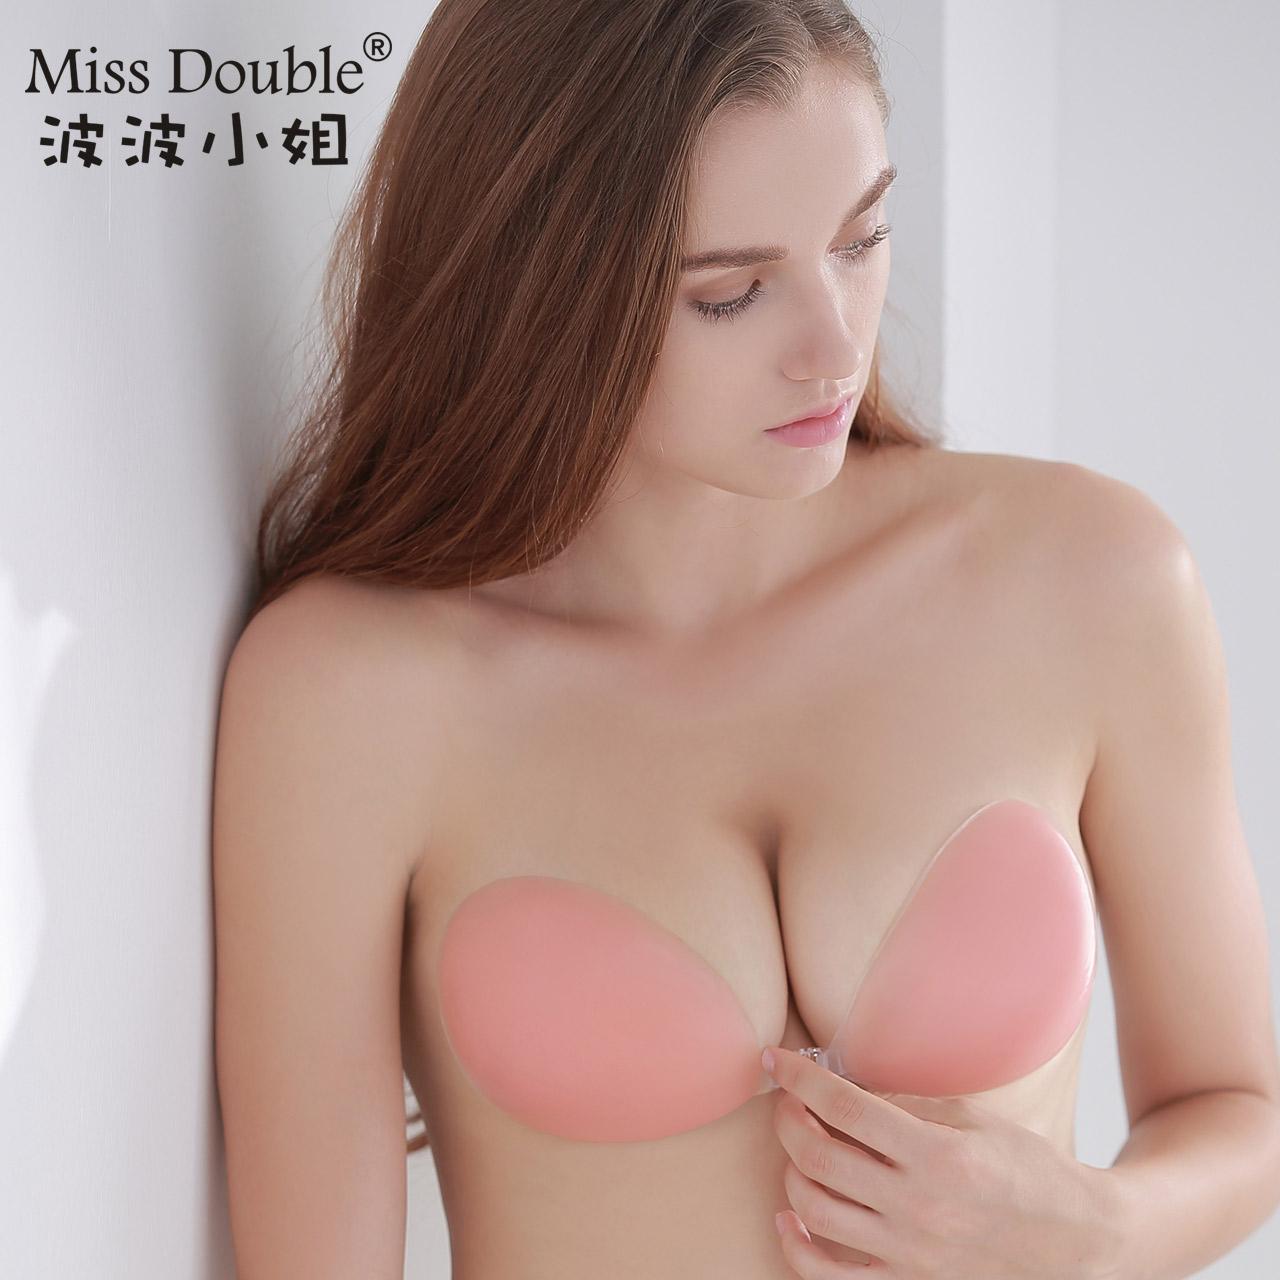 波波小姐硅胶隐形文胸贴加厚聚拢小胸婚纱提胸乳贴无肩带内衣bra